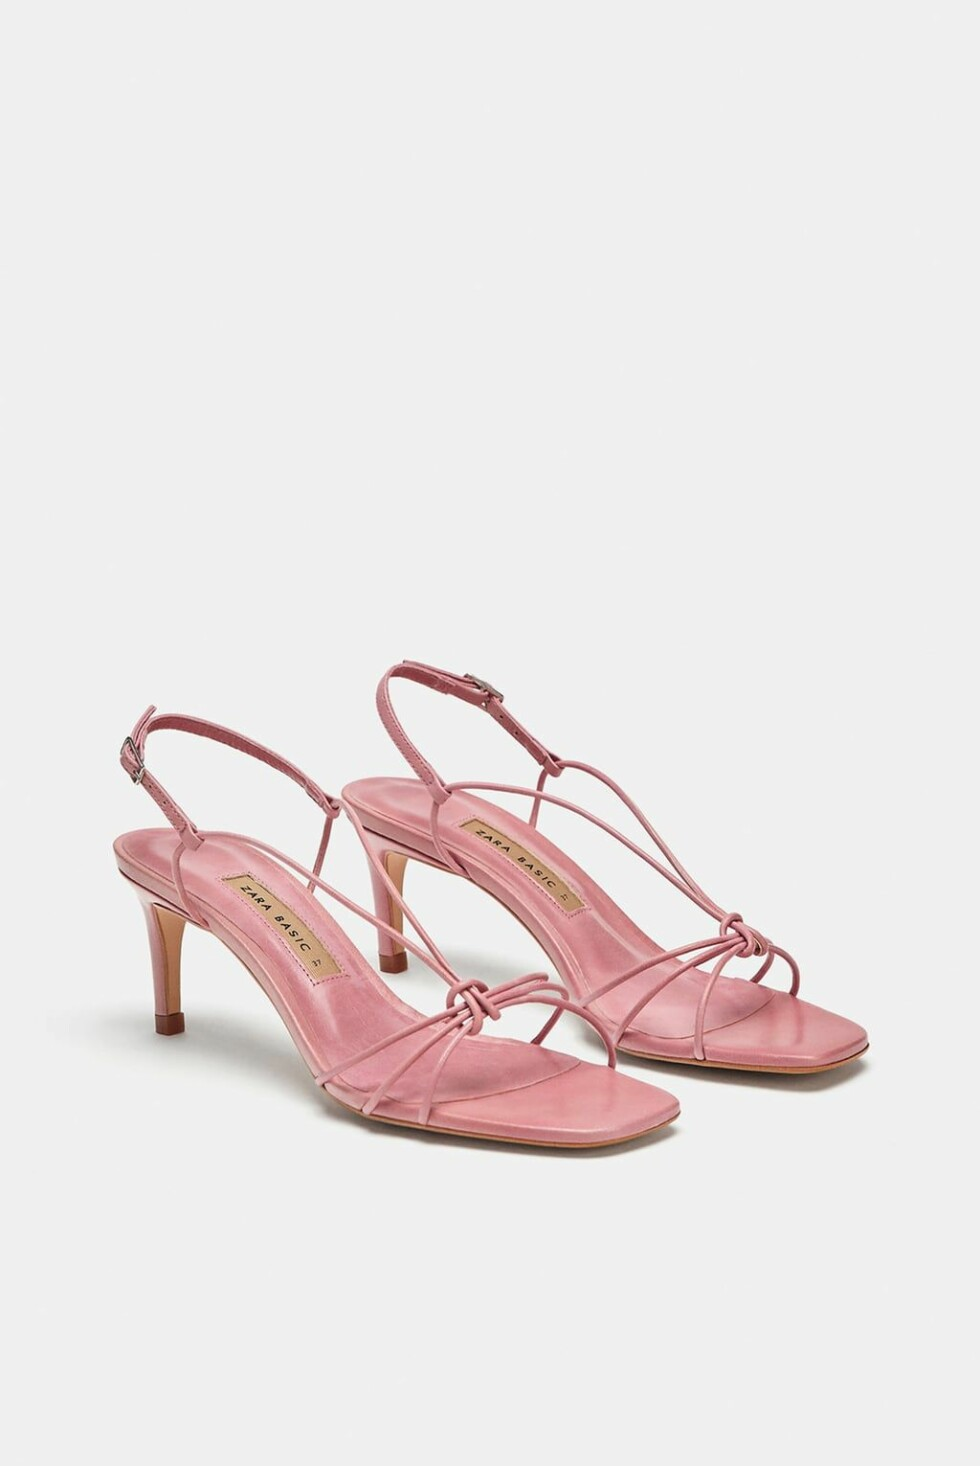 Hæler fra Zara |550,-|https://www.zara.com/no/no/h%C3%B8yh%C3%A6lt-skinnsandal-med-remmer-p12336301.html?v1=6618002&v2=1074625